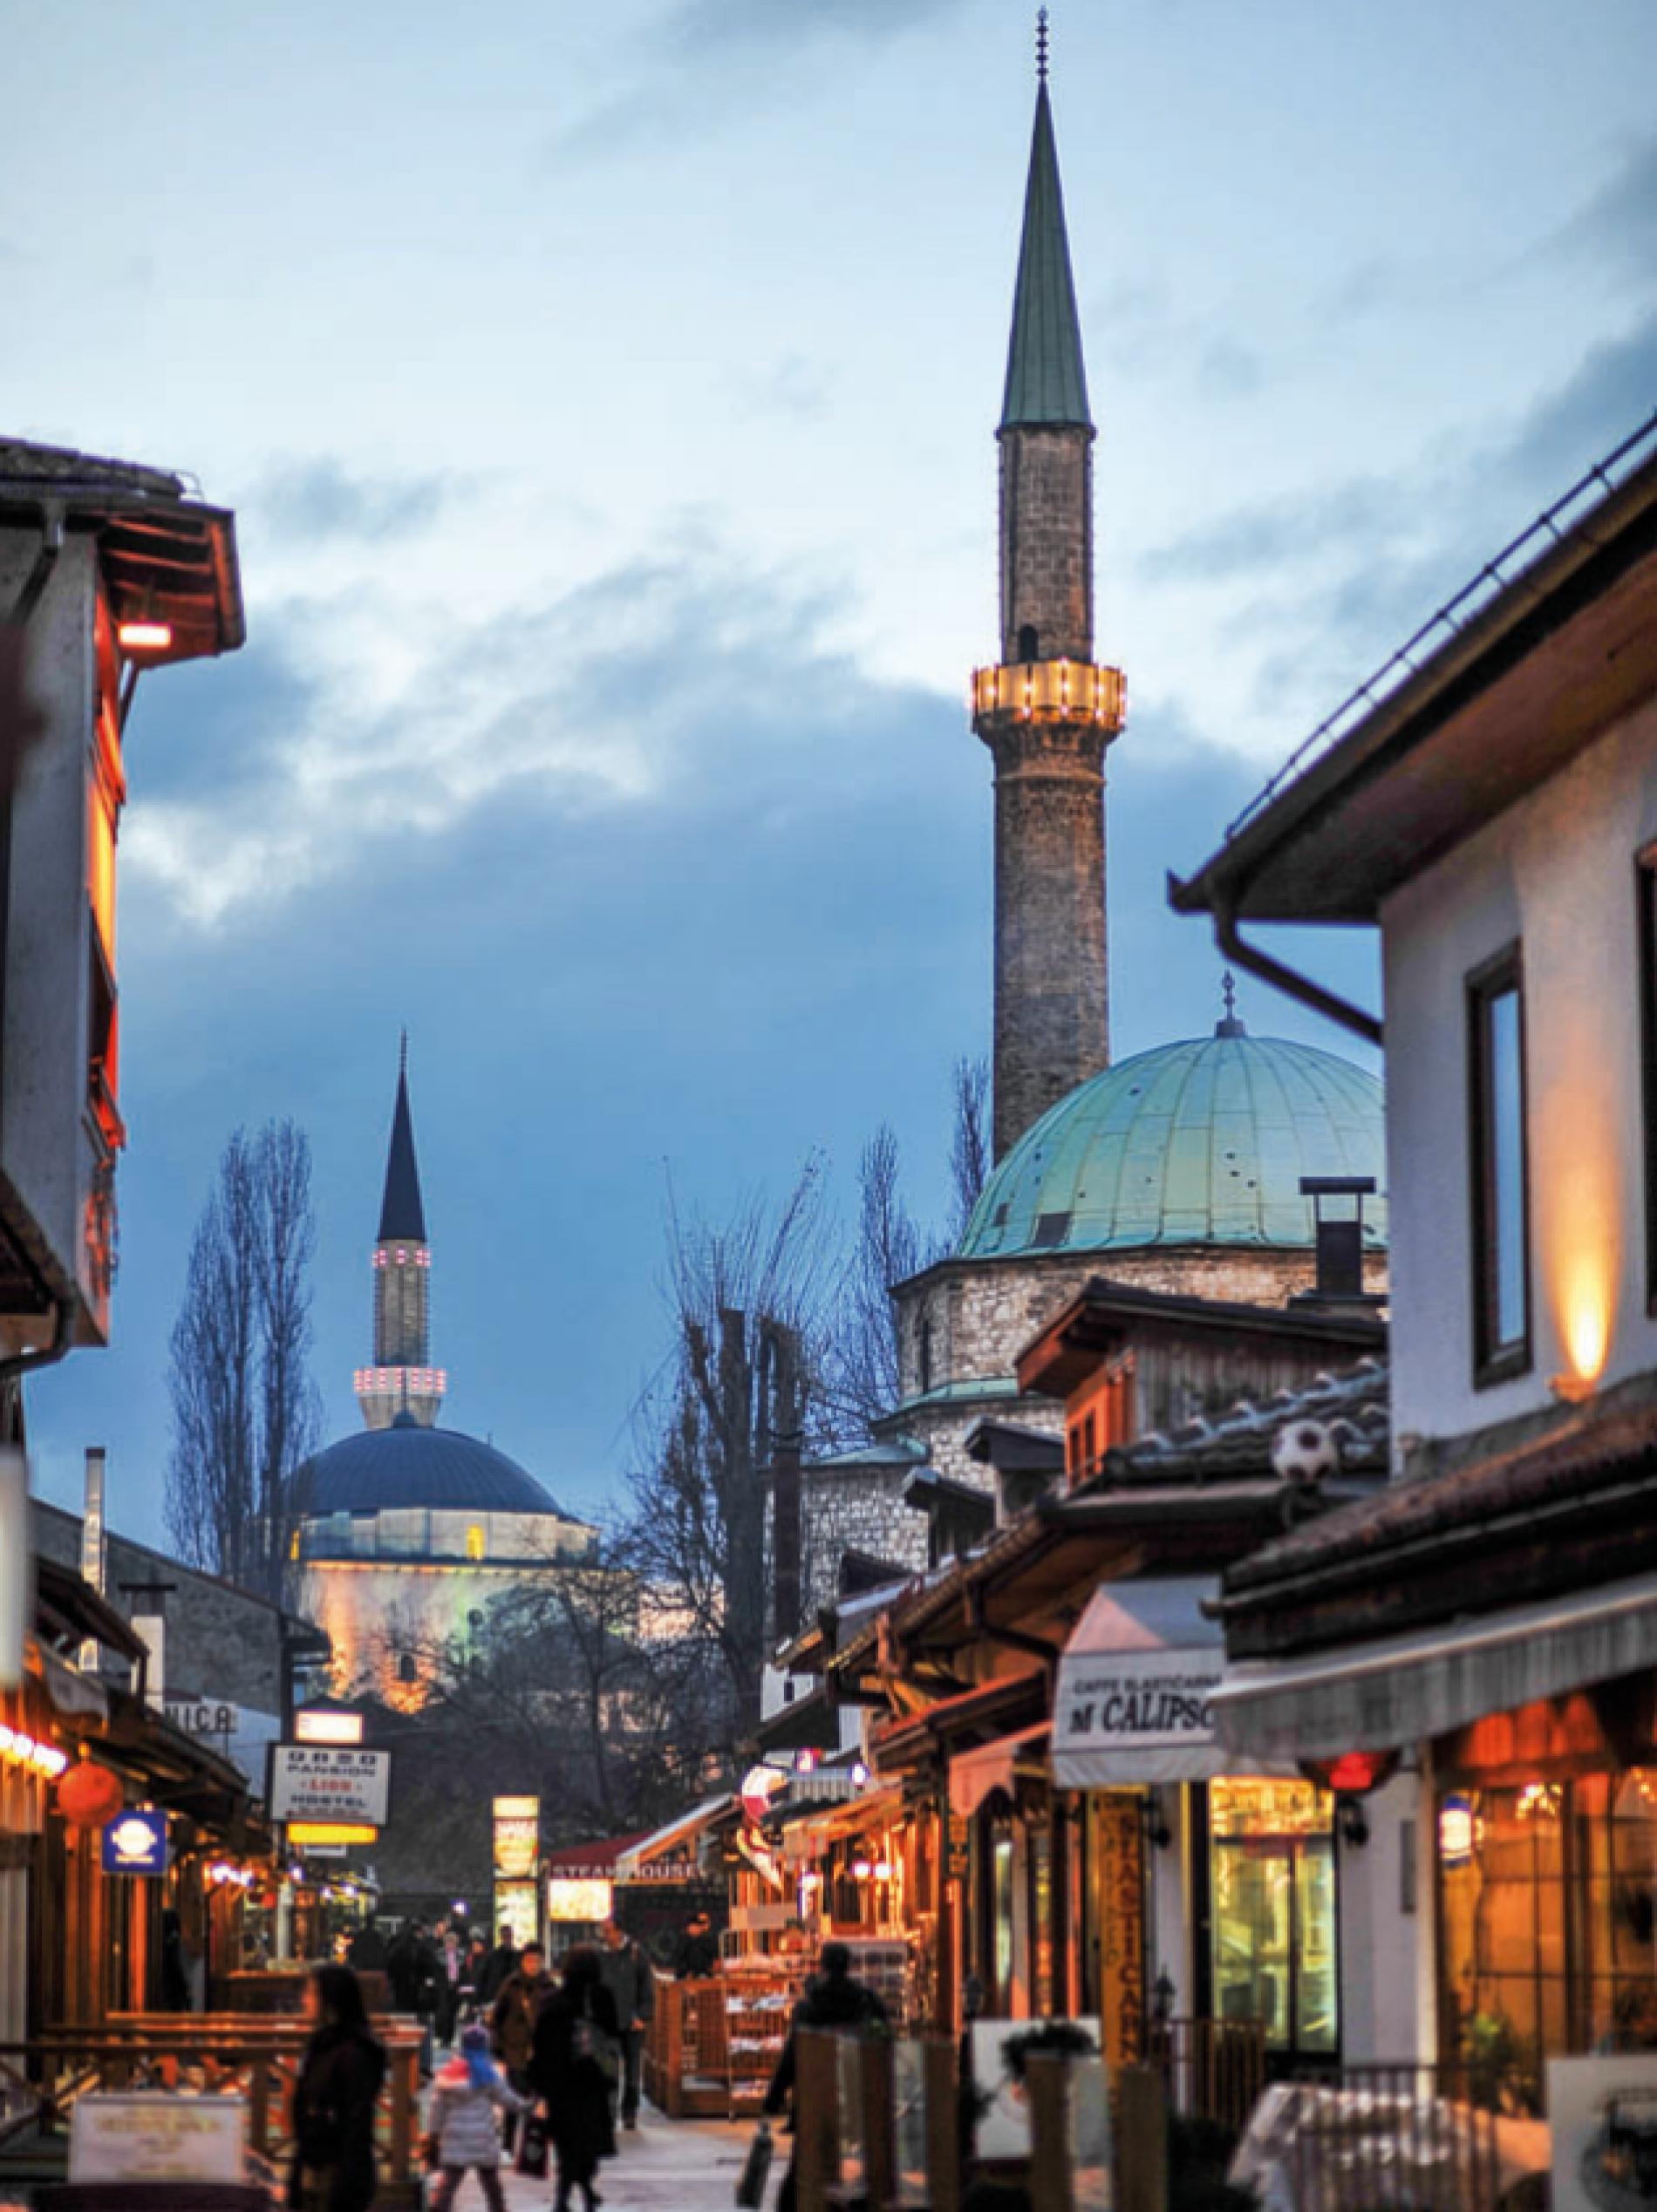 Njemački novinar o našoj zemlji: Bosna je postala najsigurnije mjesto u Evropi. Duh tolerancije u Sarajevu